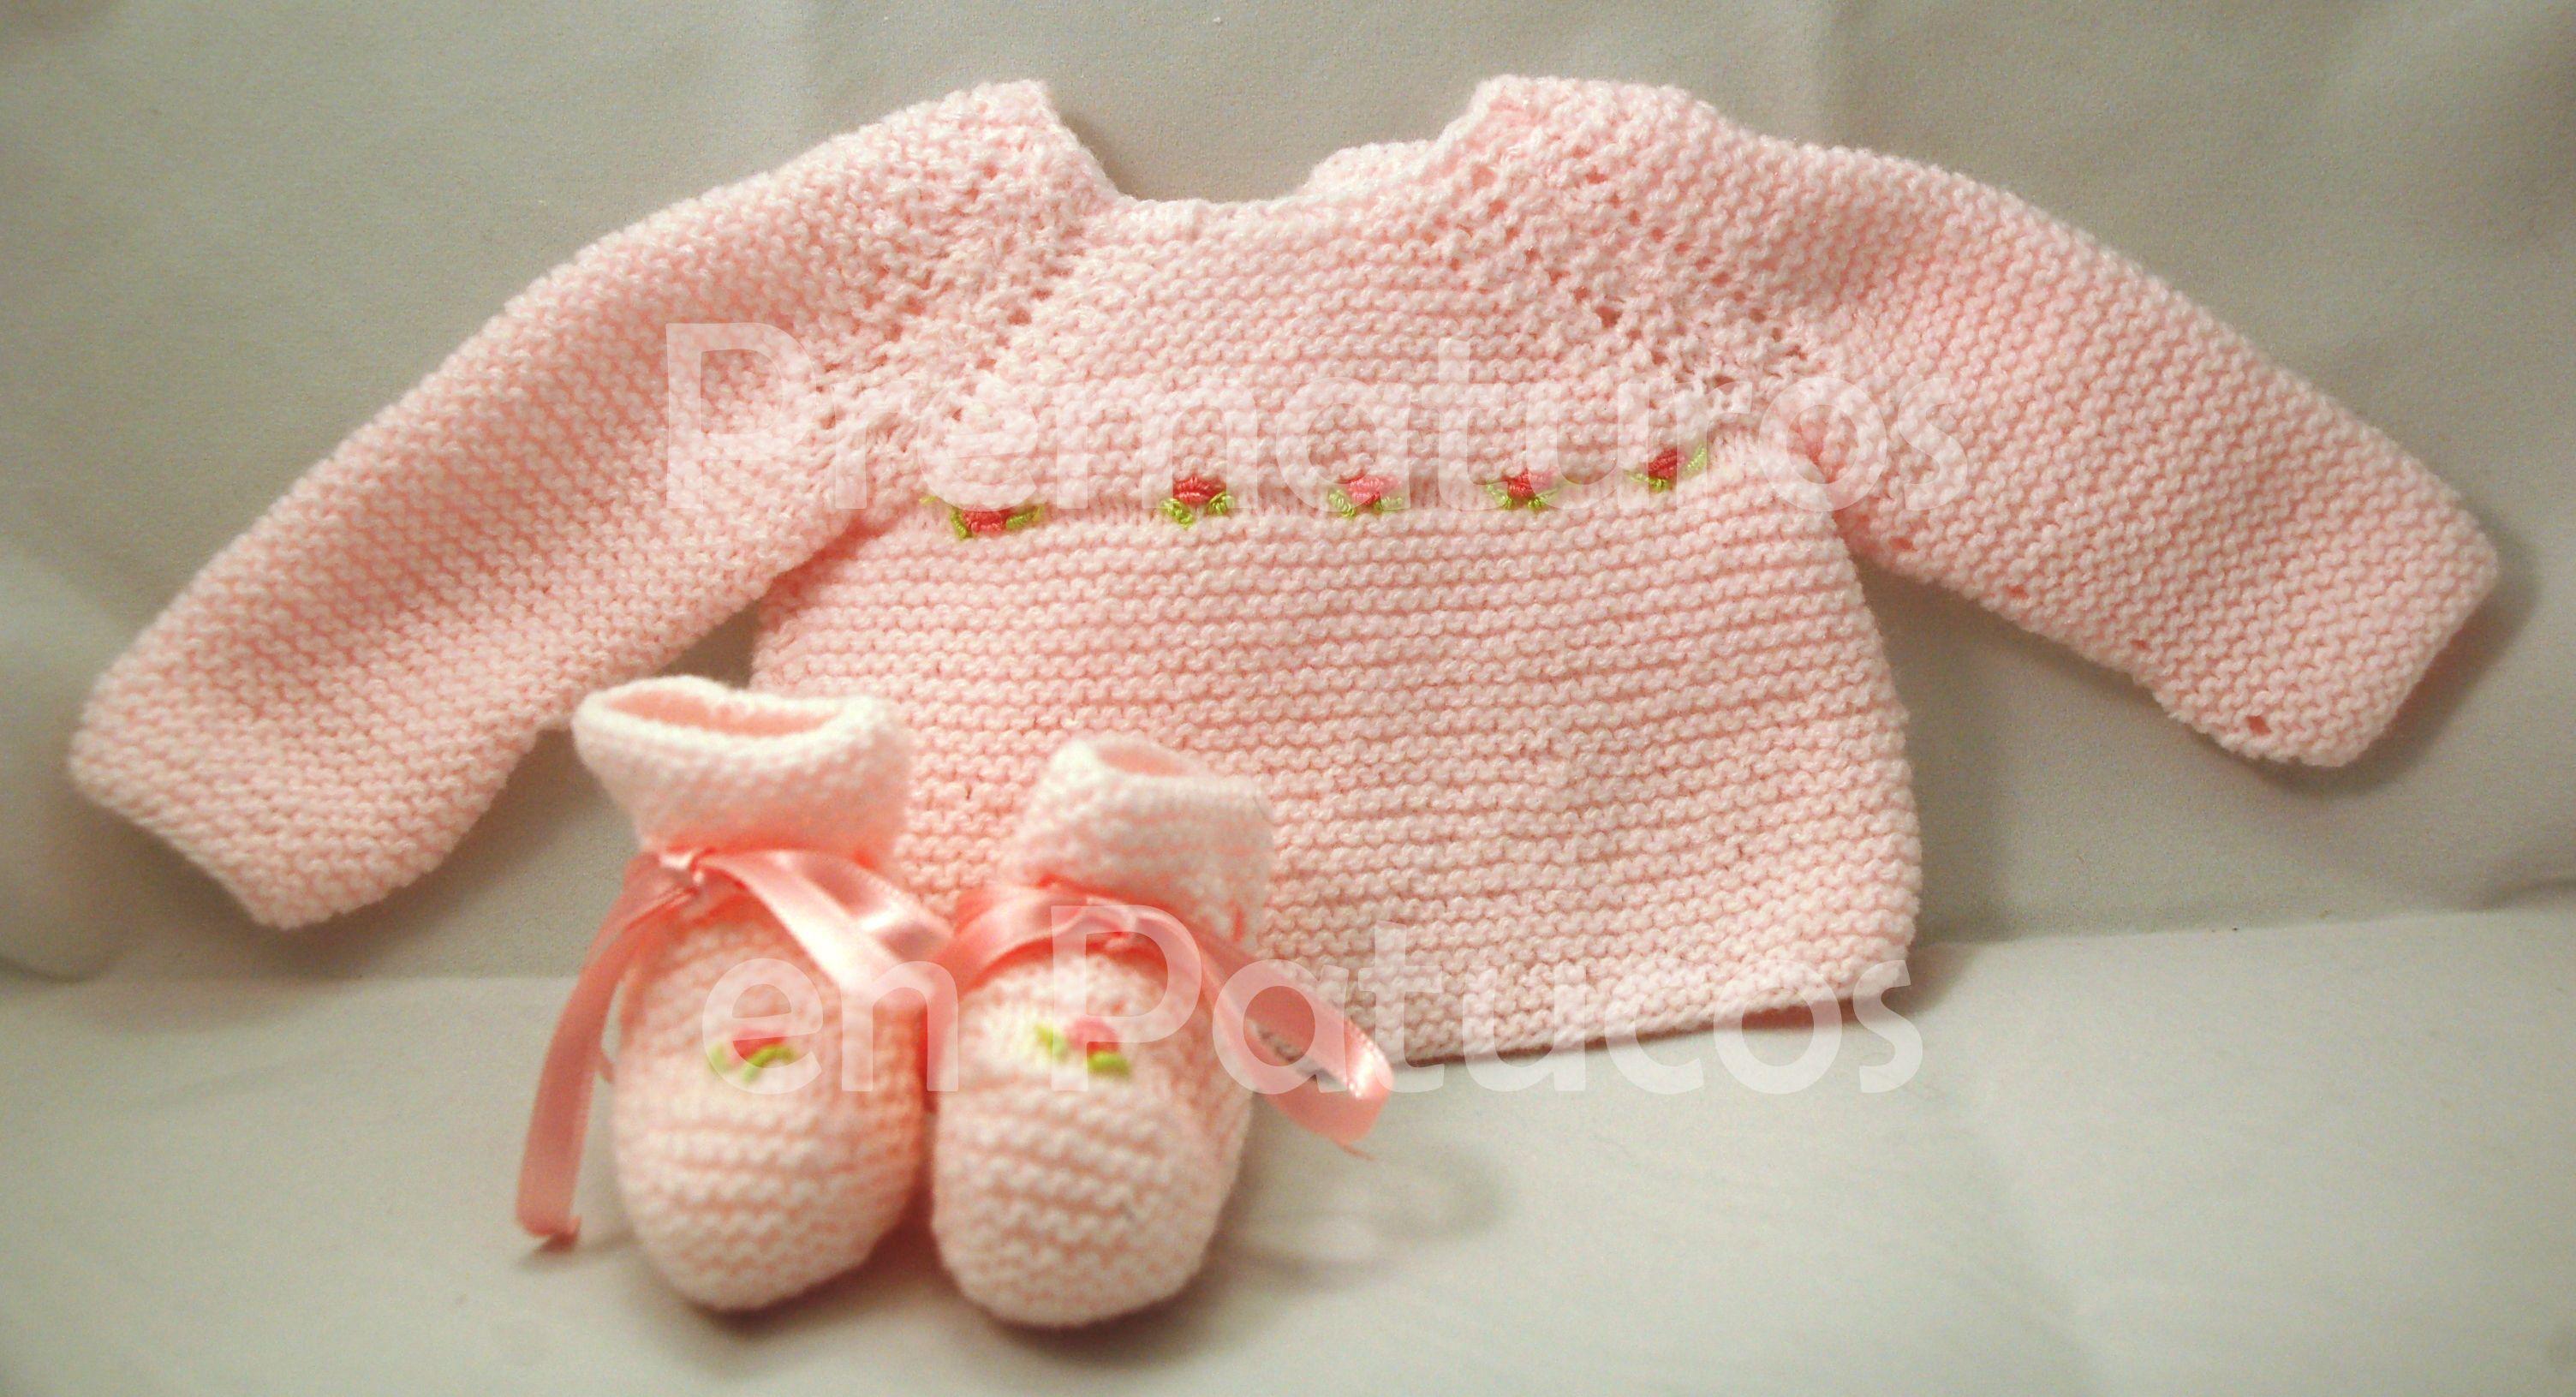 Conjunto de jersey y patucos tejidos a mano, para prematuros (entre 1.6 y 2.5kg) o para recién nacidos (entre 2.5 y 3.5Kg)